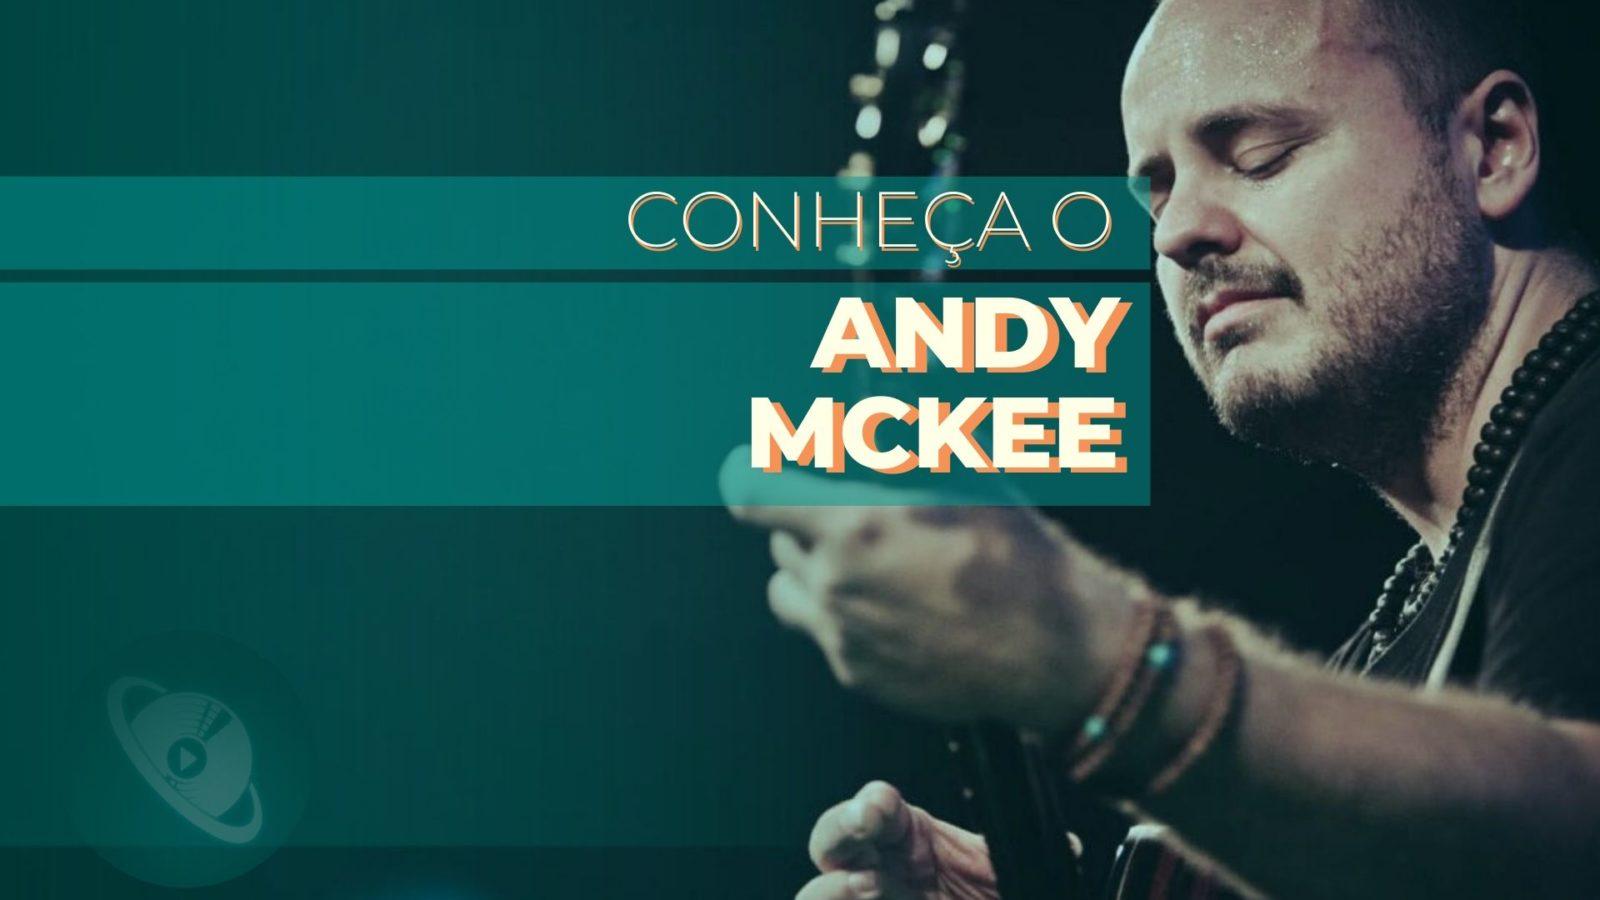 Conheça Andy Mckee - Planeta Música